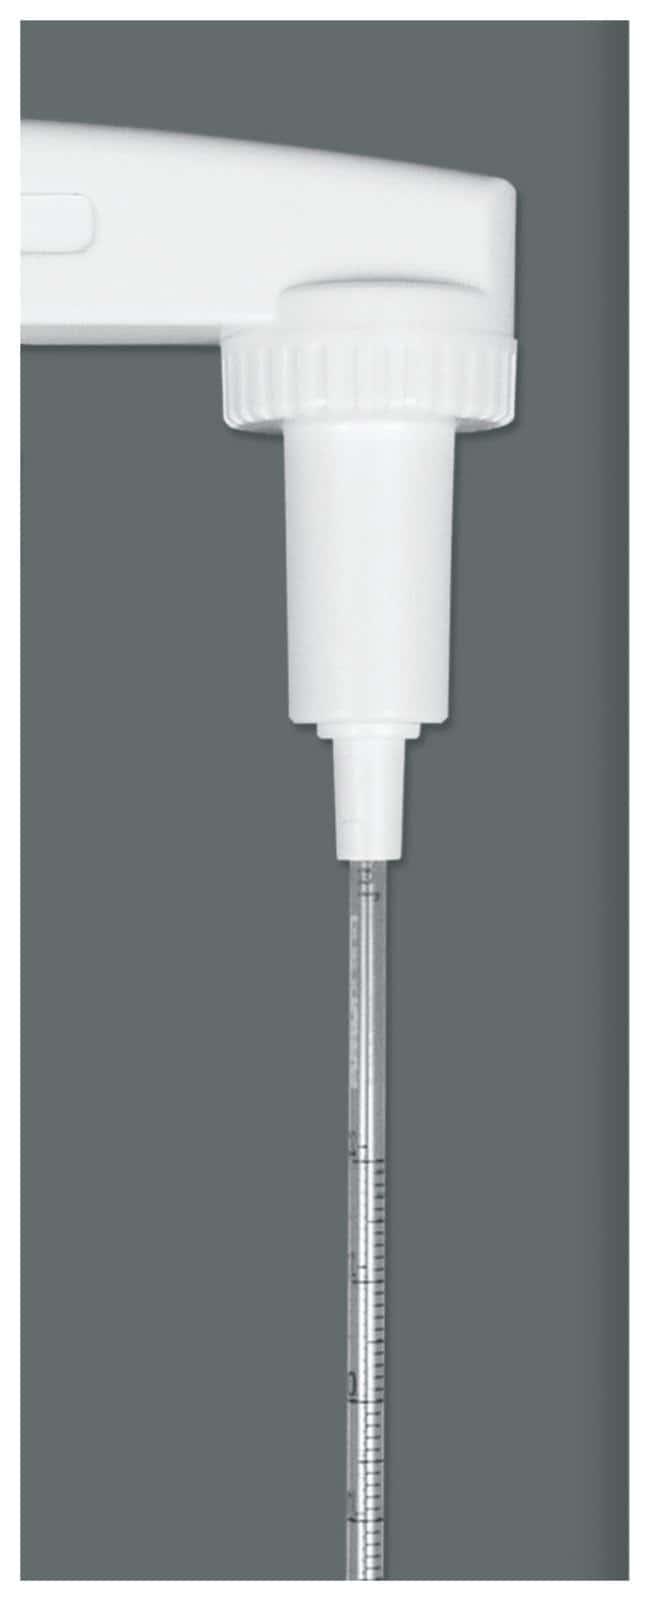 Thermo Scientific™Accessoires pour poire pour pipette S1 Accessoire S1, embout nasal, comprend: Support, adaptateur en silicone et filtre; taille de l'unité: 1unité voir les résultats